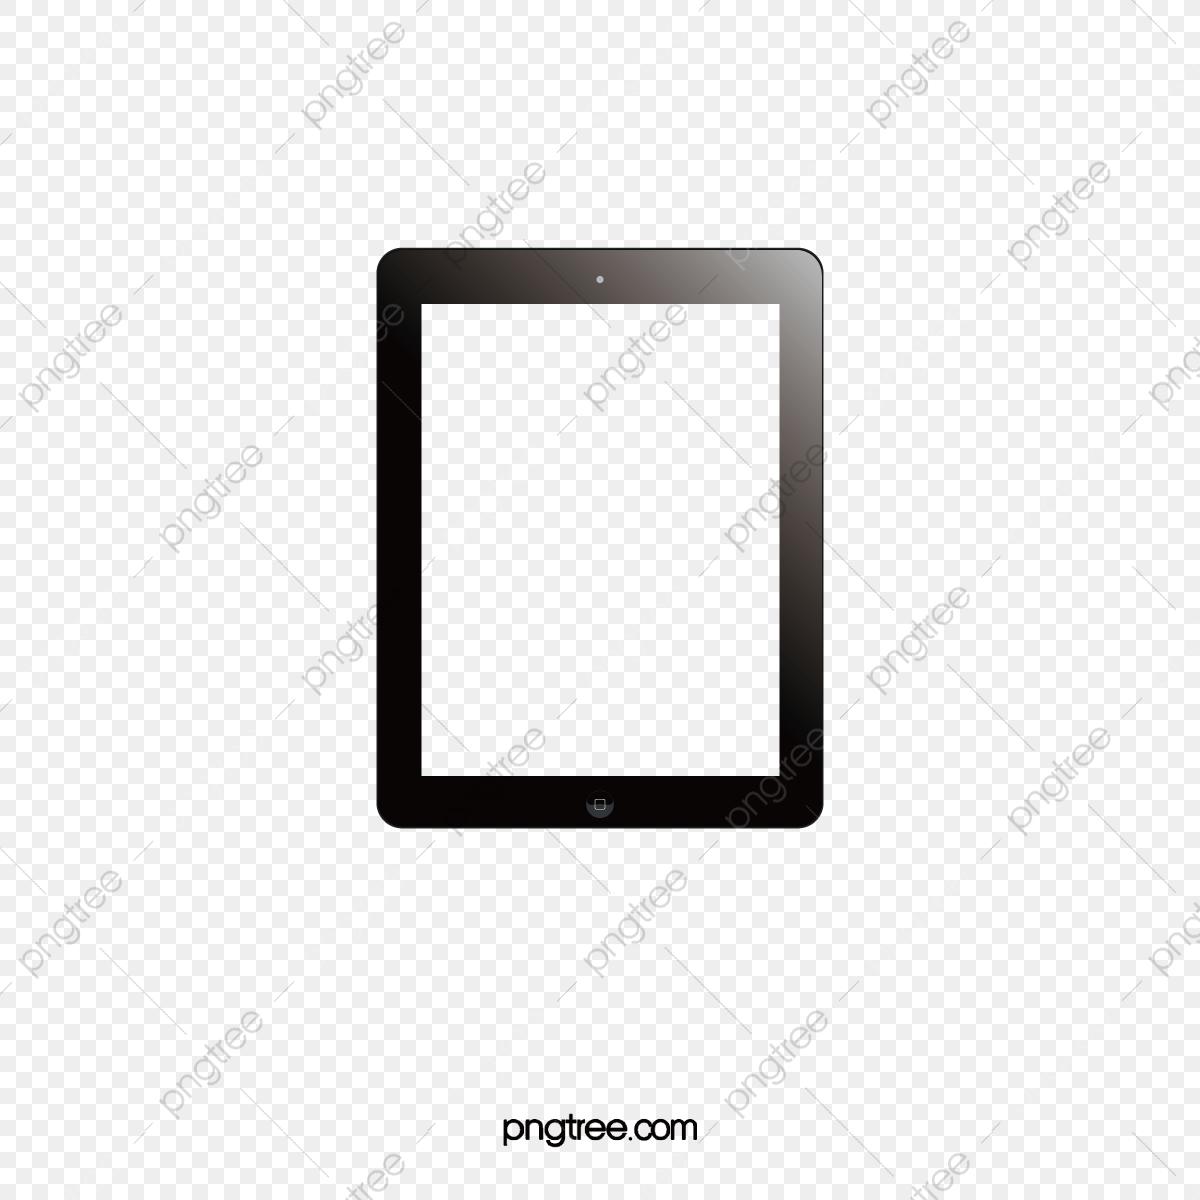 Apple Ipad New, New Clipart, Black, Ipad PNG Transparent Clipart.